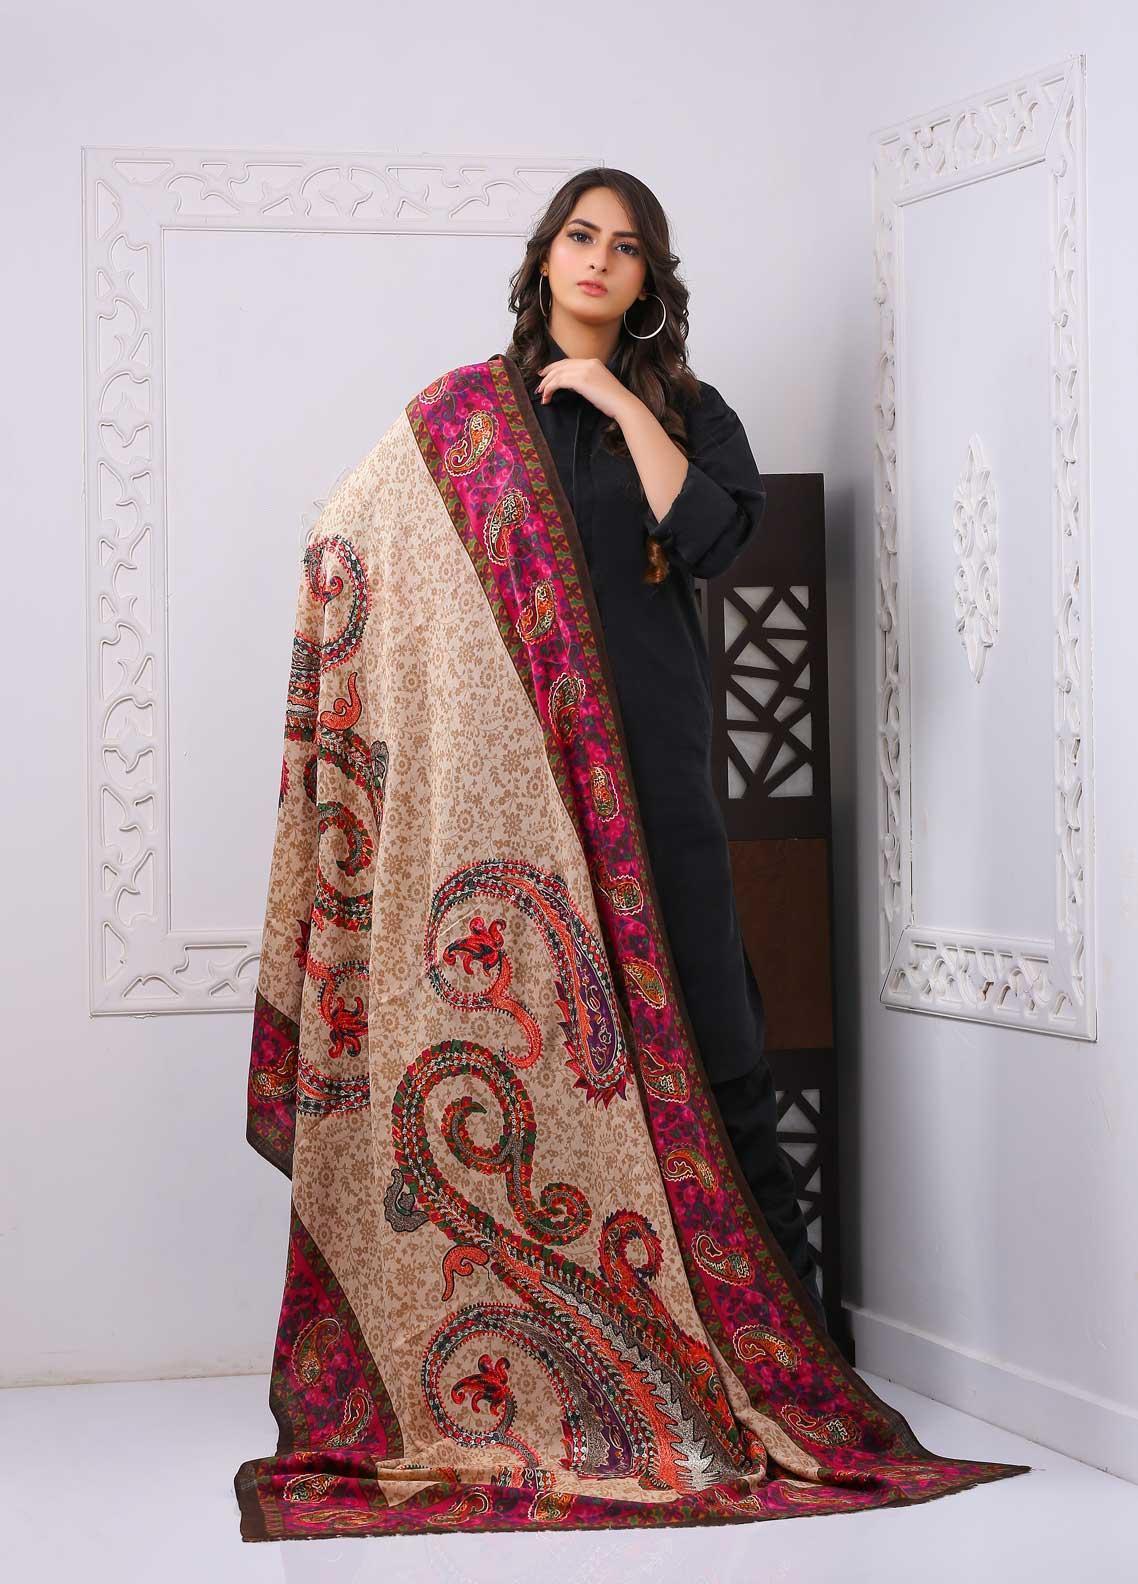 Sanaulla Exclusive Range Embroidered Premium Pashmina  Shawl PRMSH 323971 - Premium Pashmina Shawls